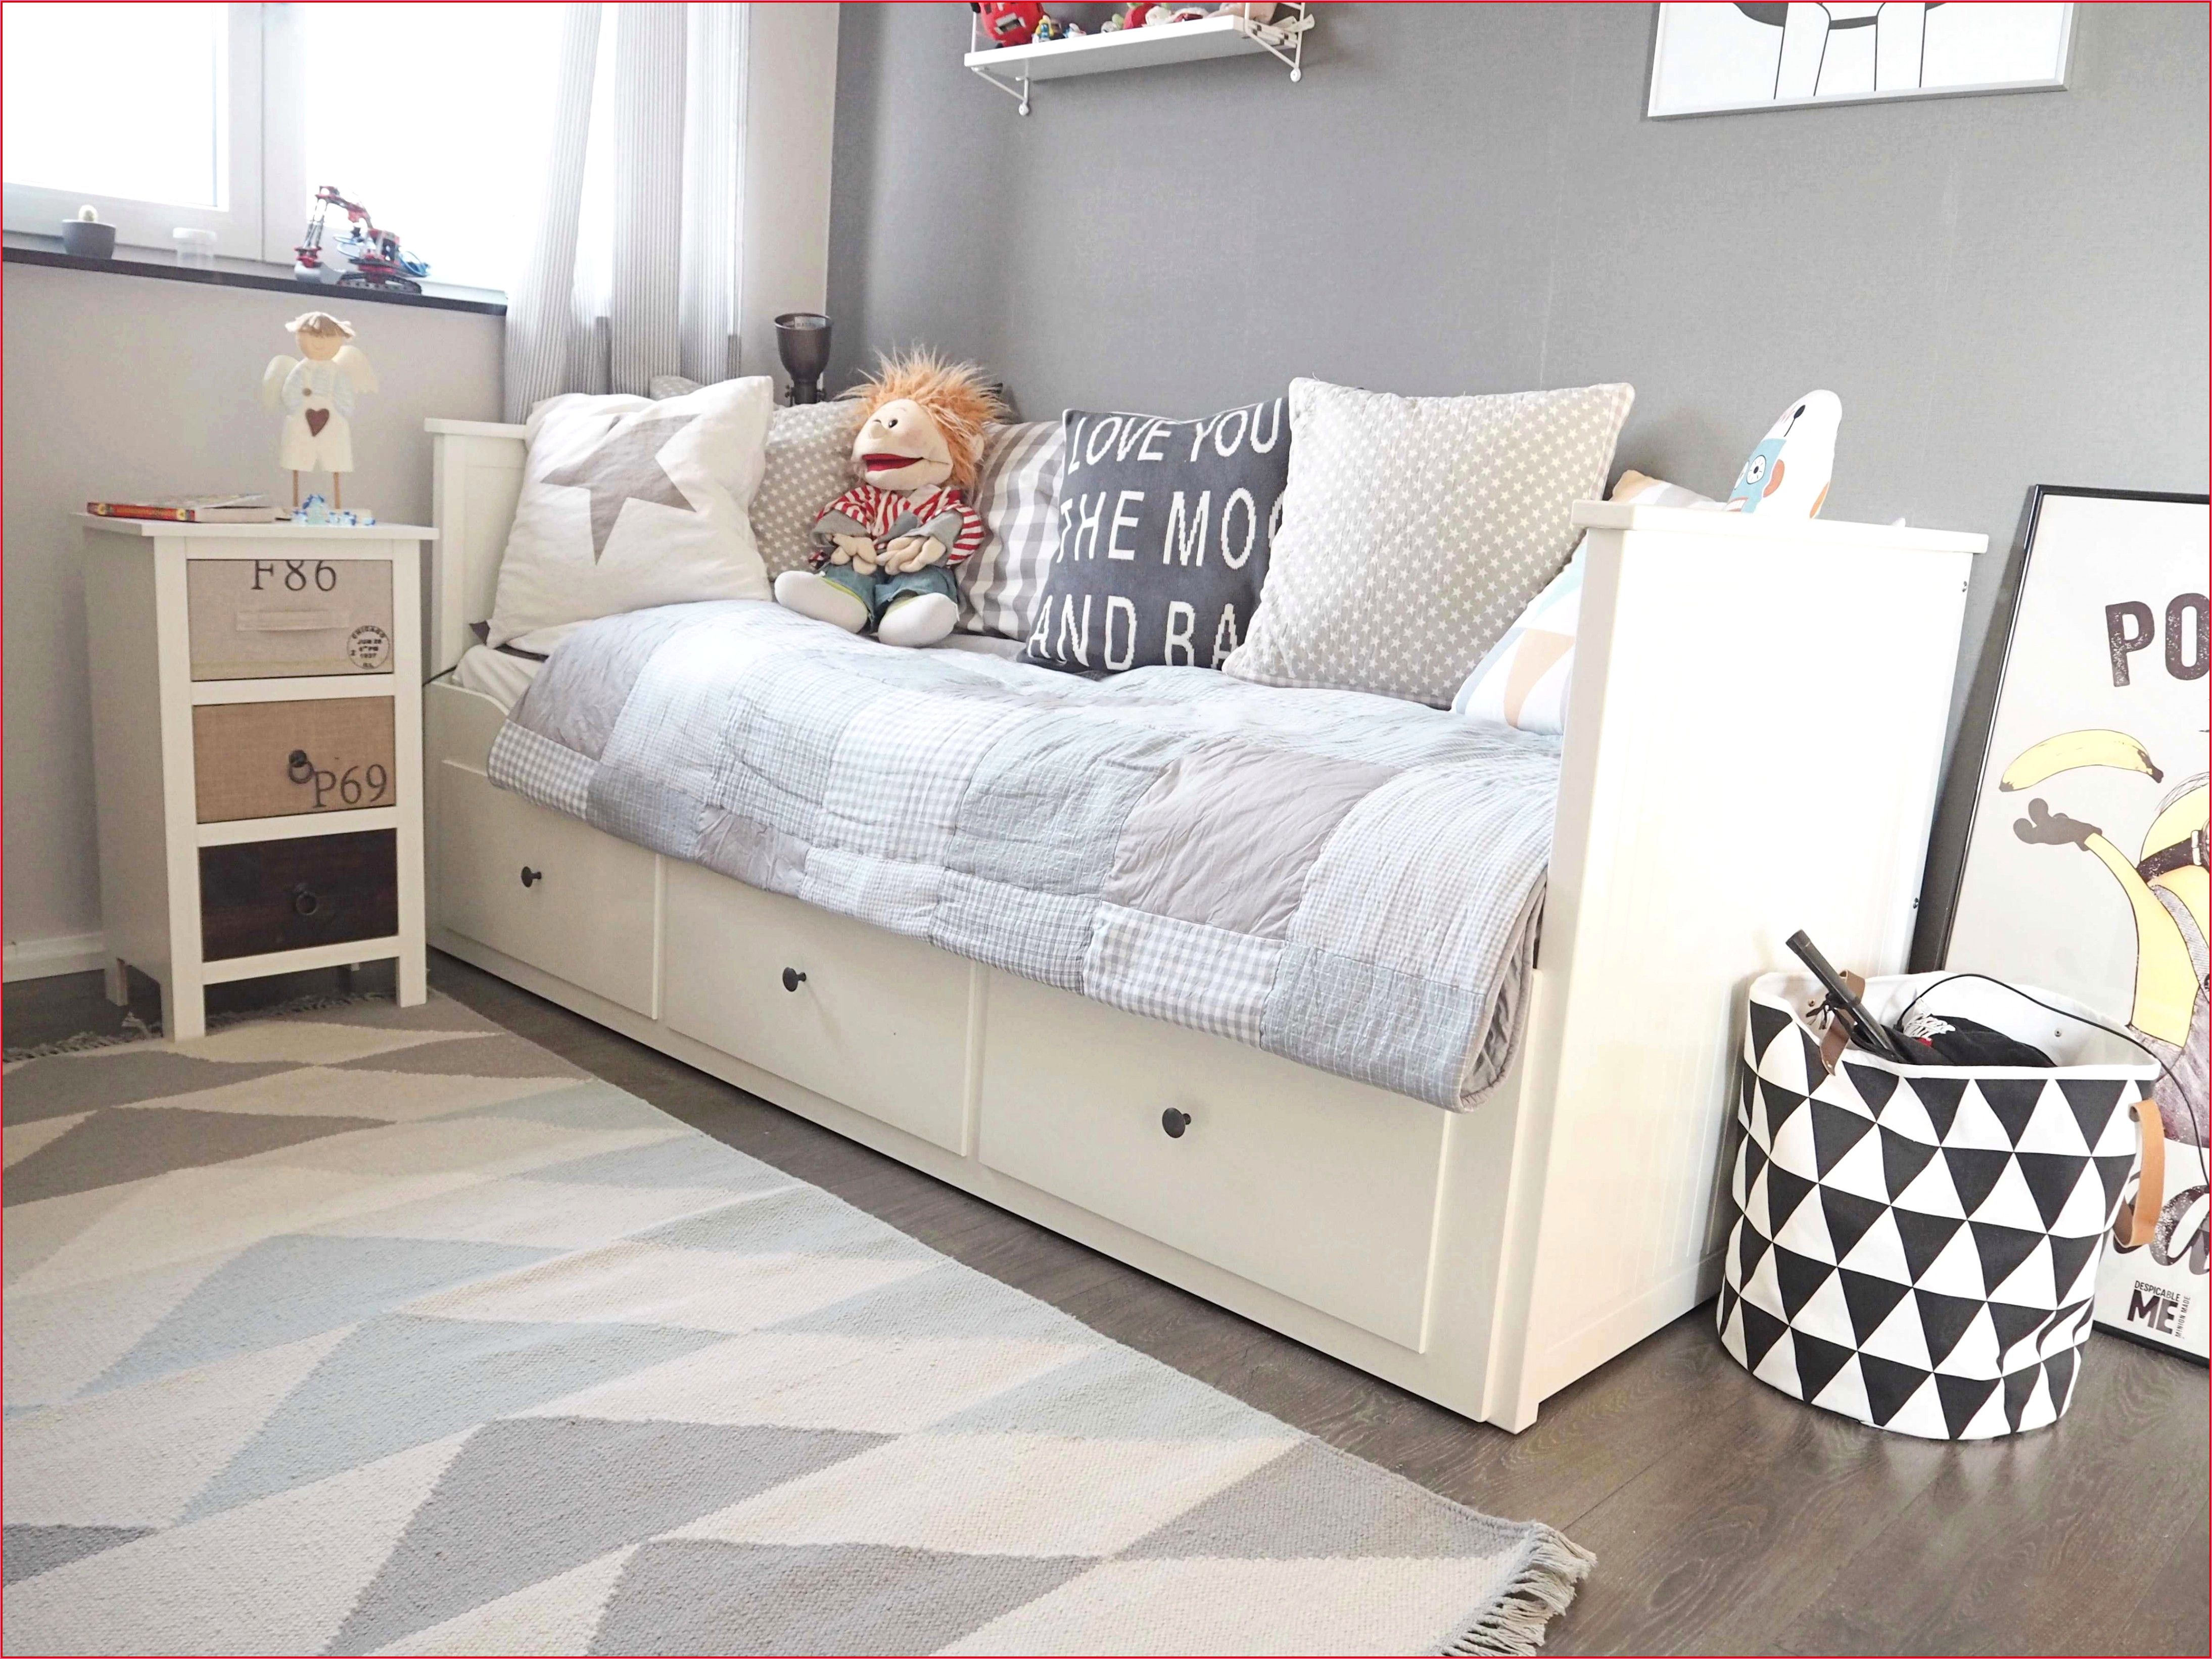 Kleines Jugendzimmer Einrichten Ikea